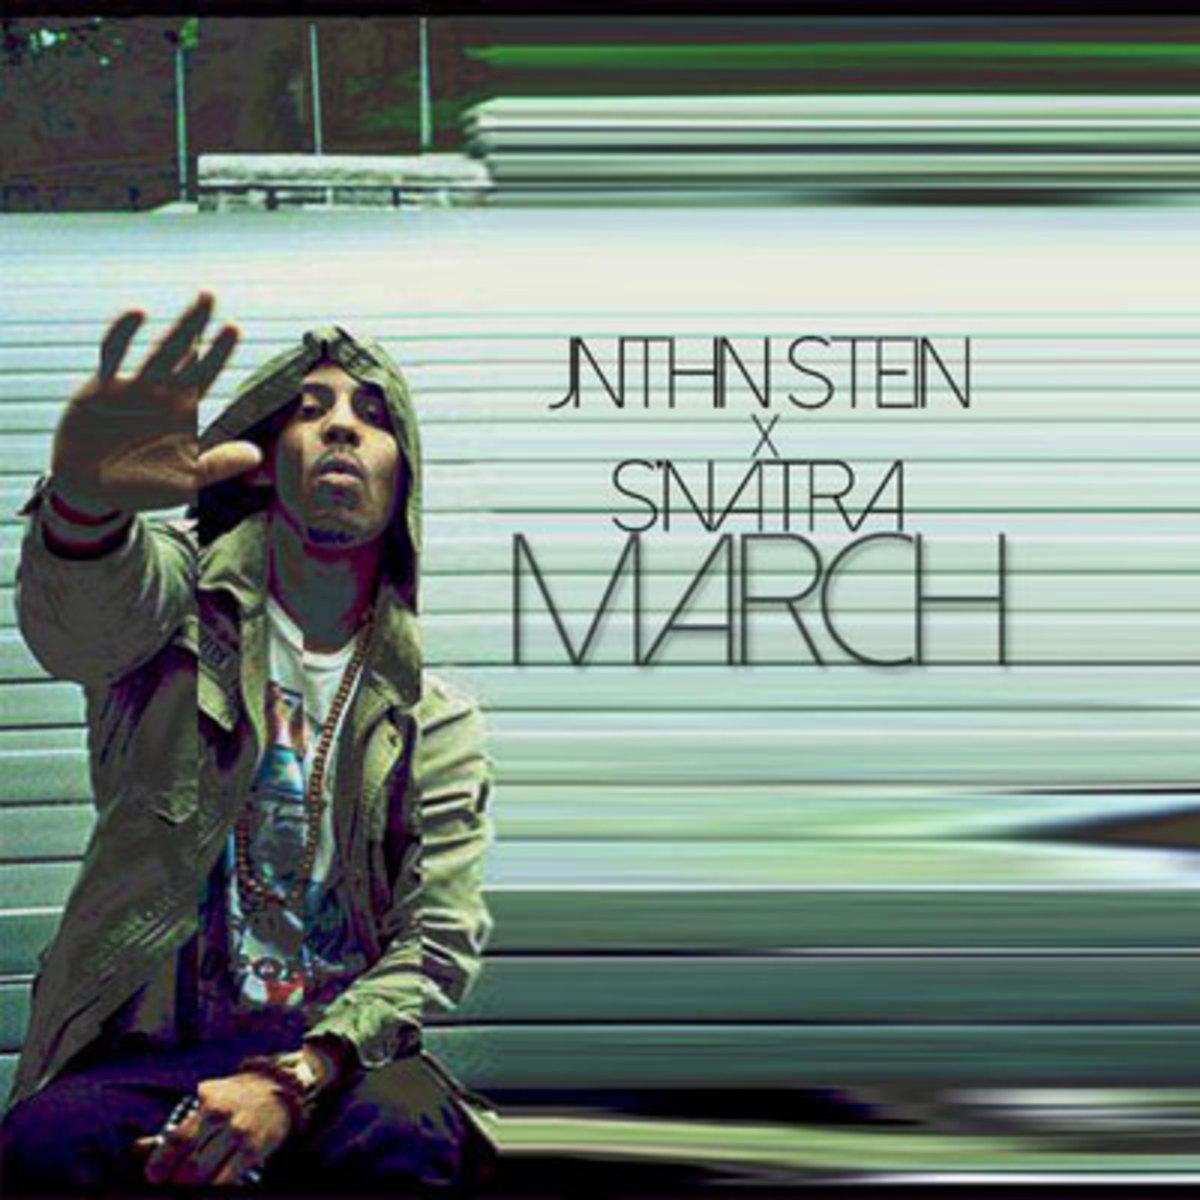 snatra-march.jpg